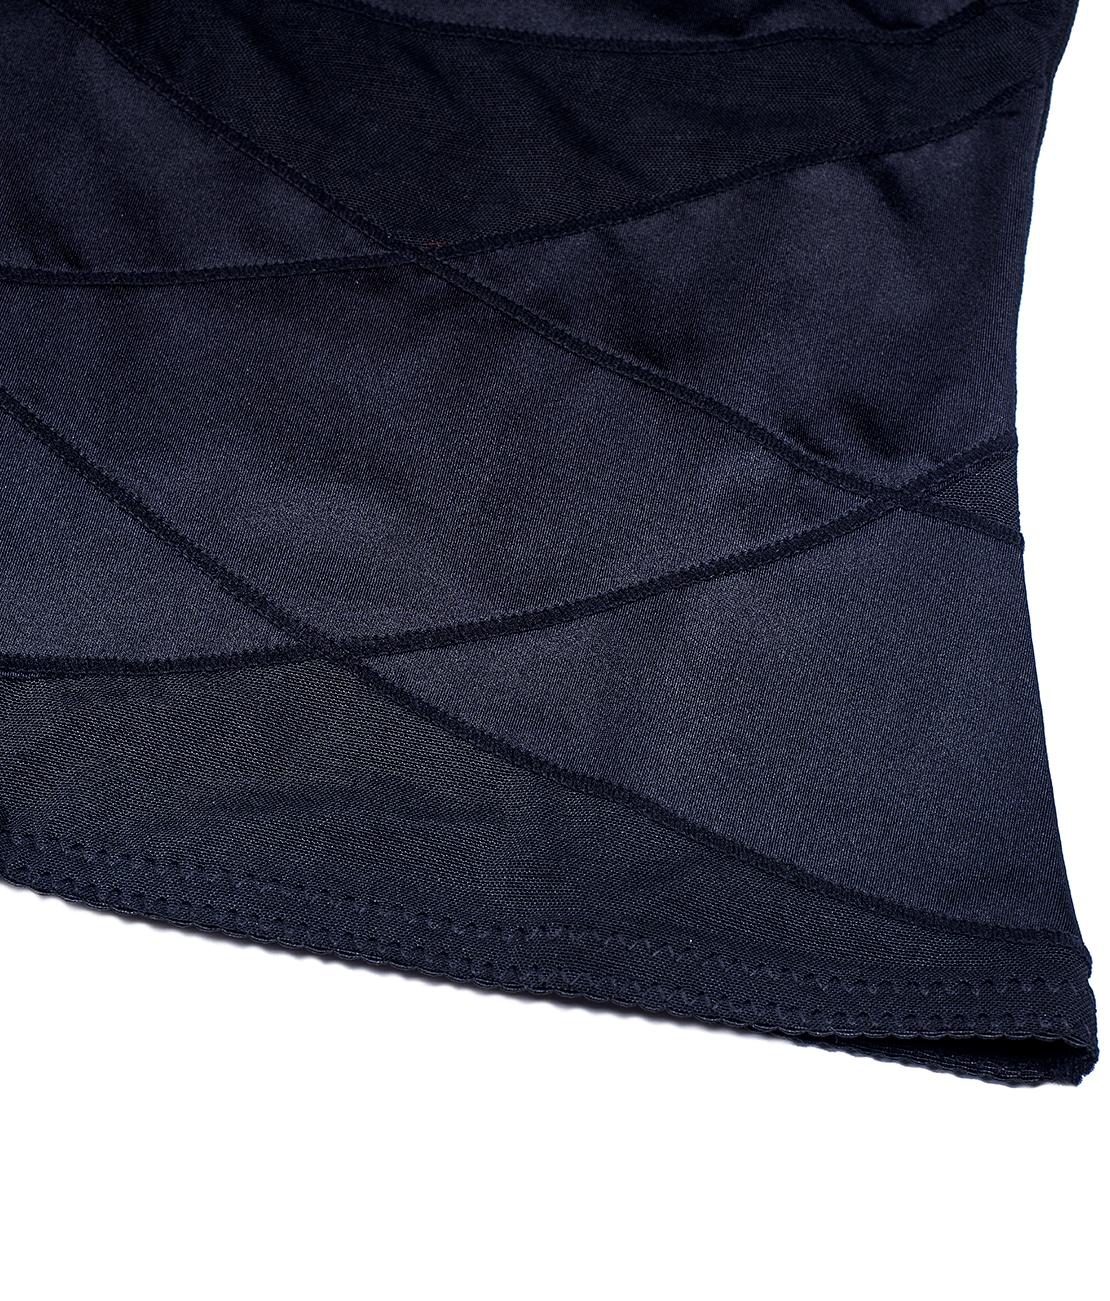 Gaine Ventre Plat Invisible Noire Packshot Detail 1